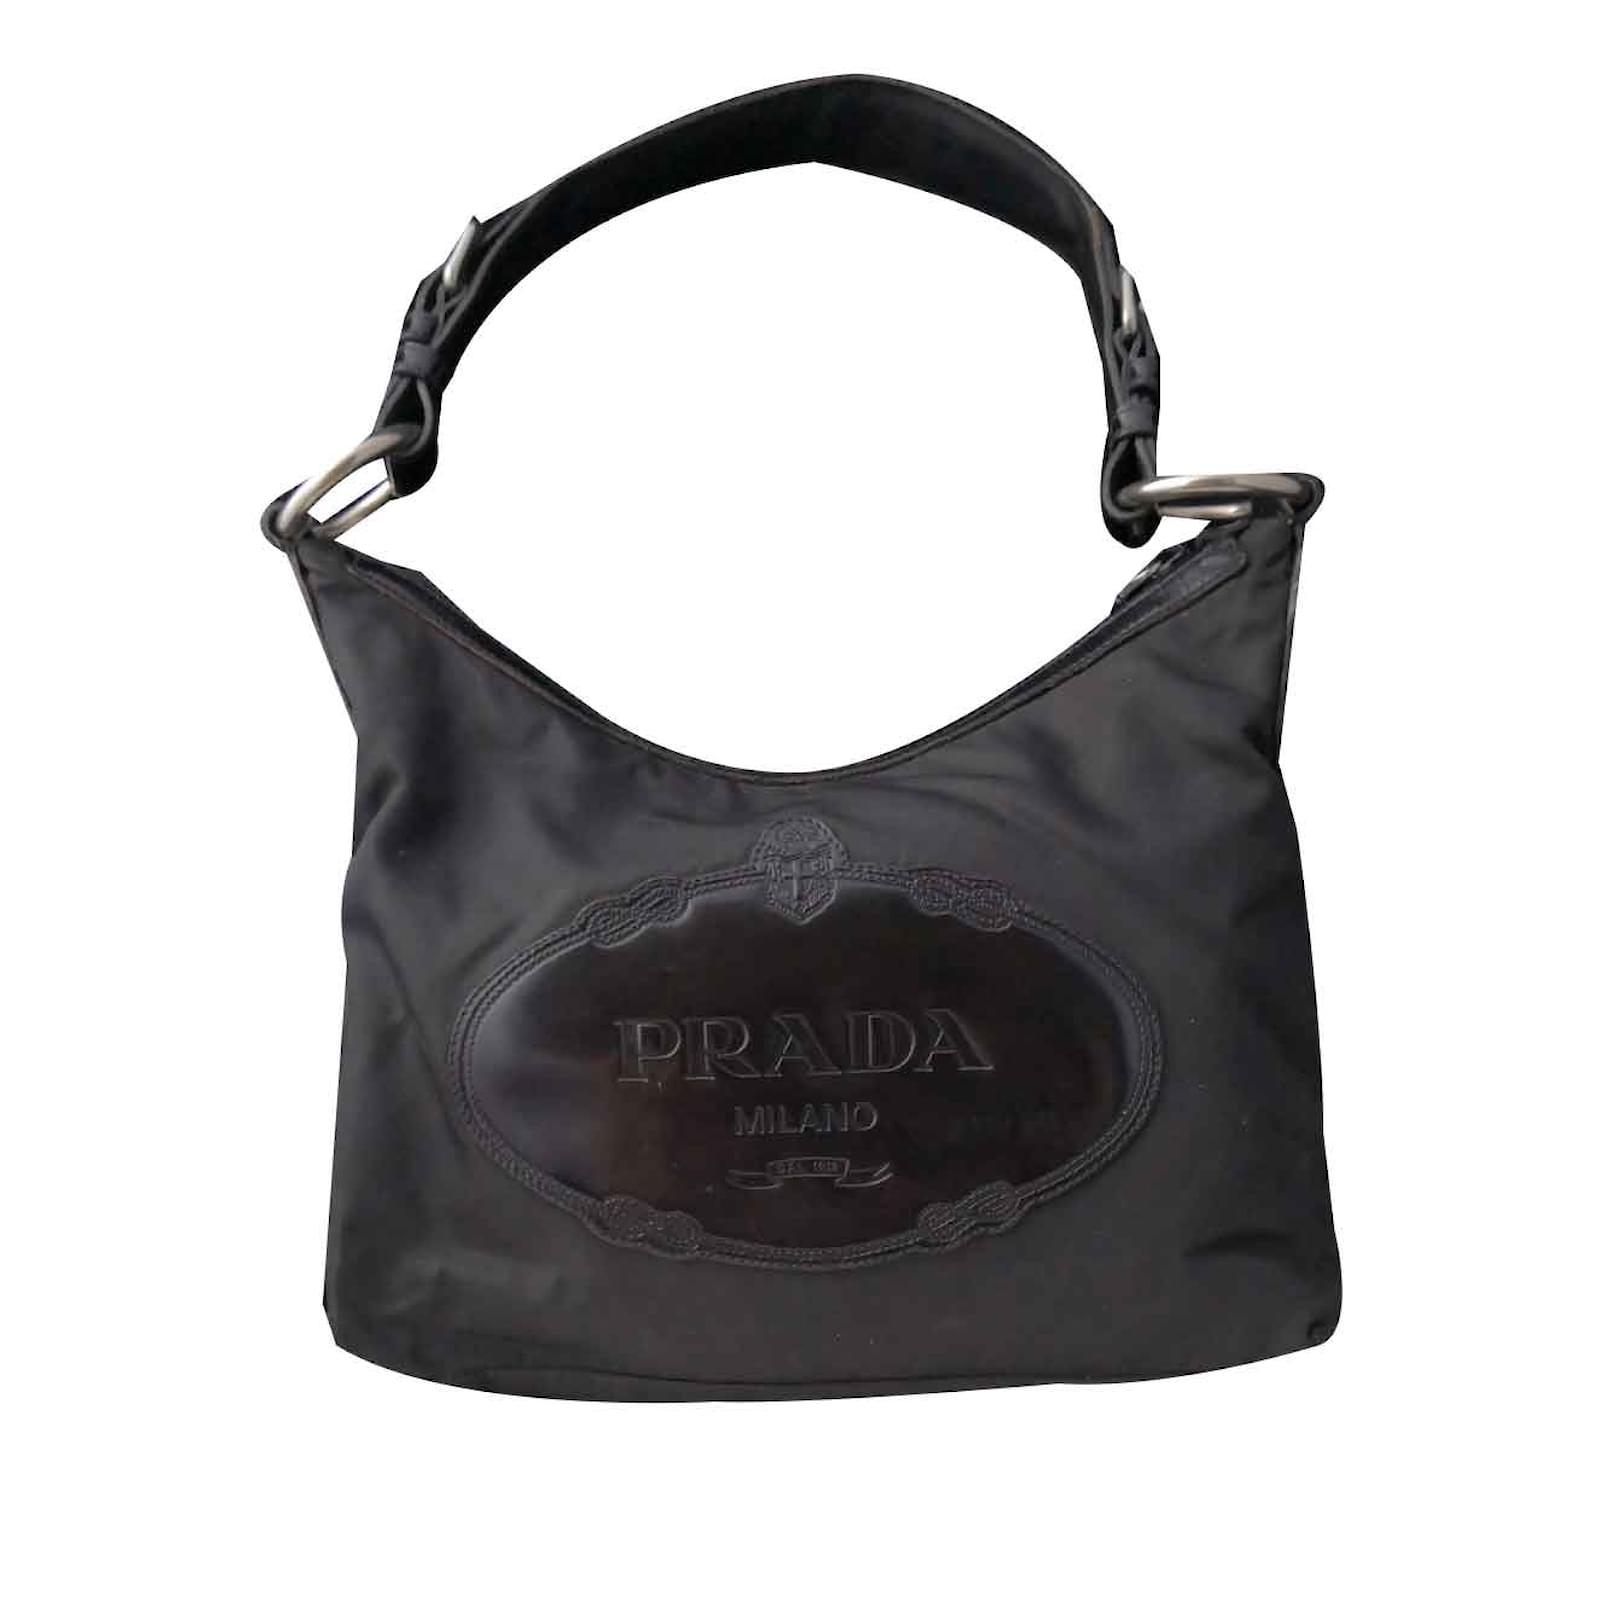 113efb6164ea Prada Superb authentic big Prada logo bag Handbags Leather